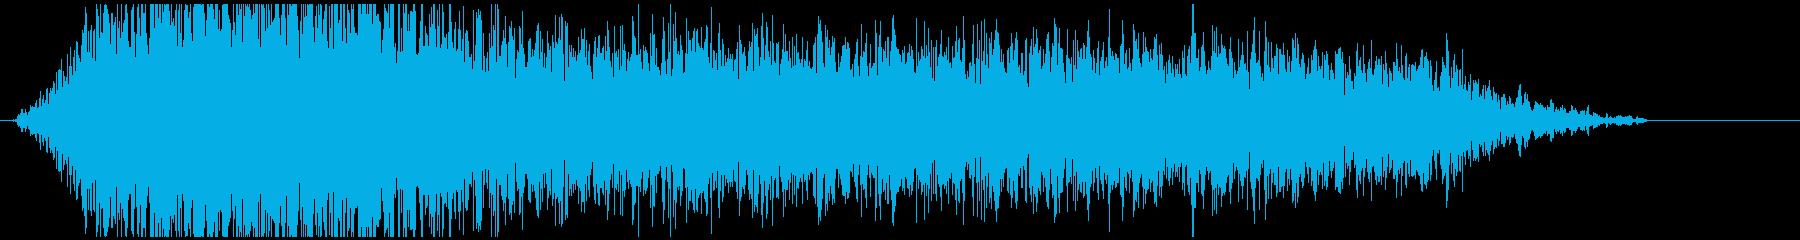 ドローン G 低ノイズ02の再生済みの波形